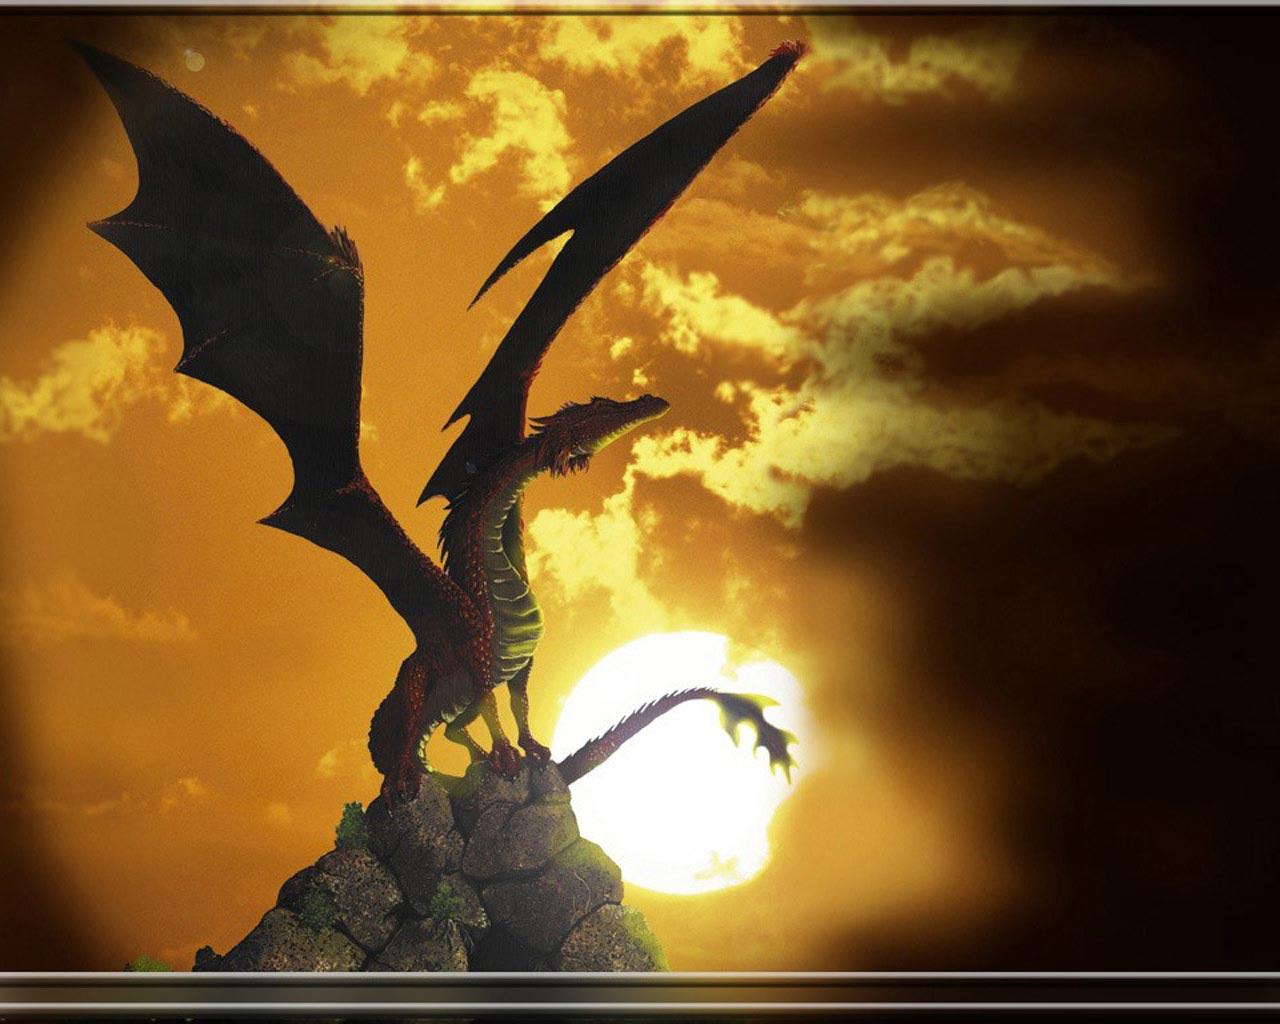 http://1.bp.blogspot.com/_gtlt-QGB8f8/TMI5U-3UQbI/AAAAAAAAAH8/MgwbNKGre0E/s1600/wallpapers-filmes-fantasia-1280.jpg